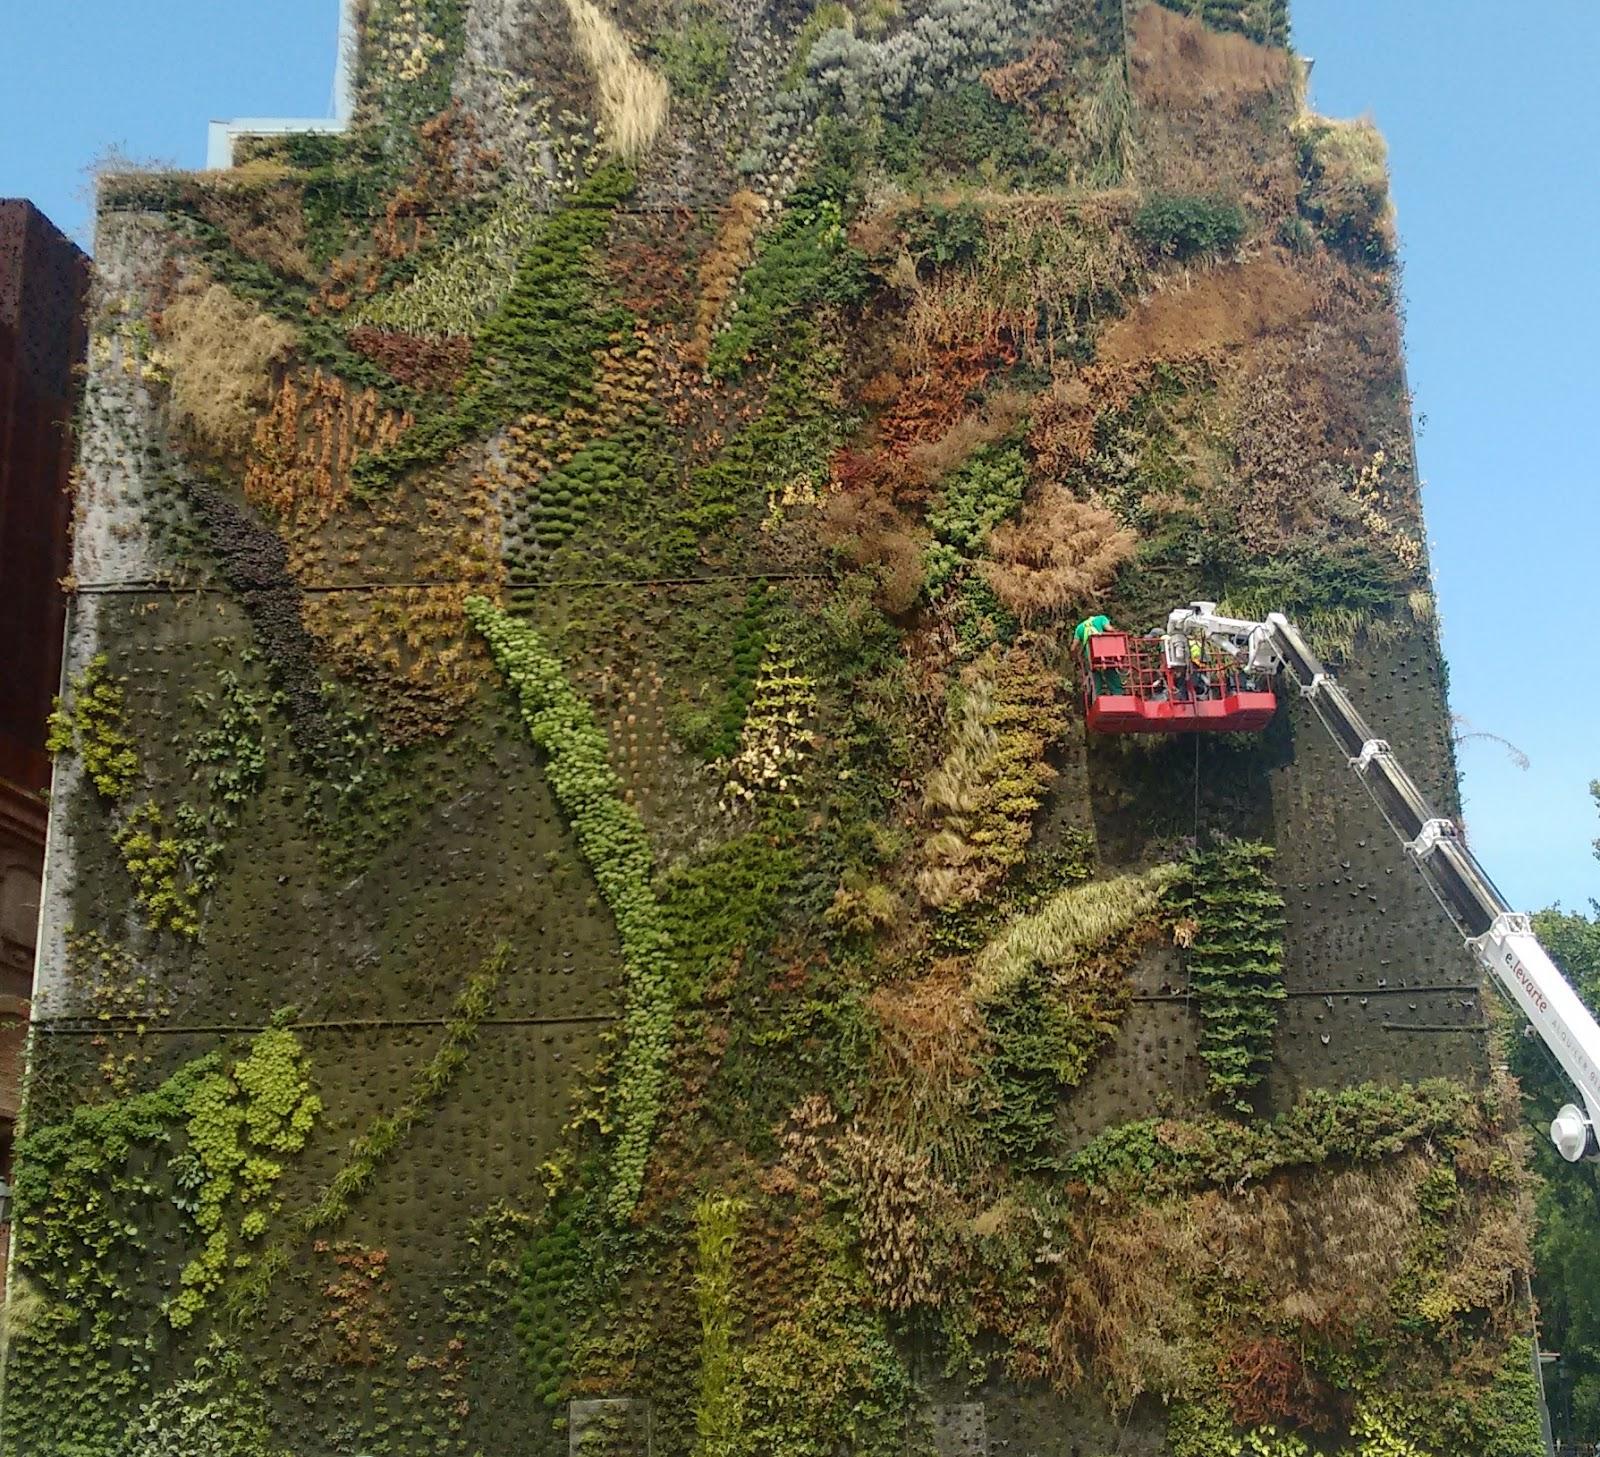 Caixa forum madrid y sus cosas for Jardin vertical caixaforum madrid